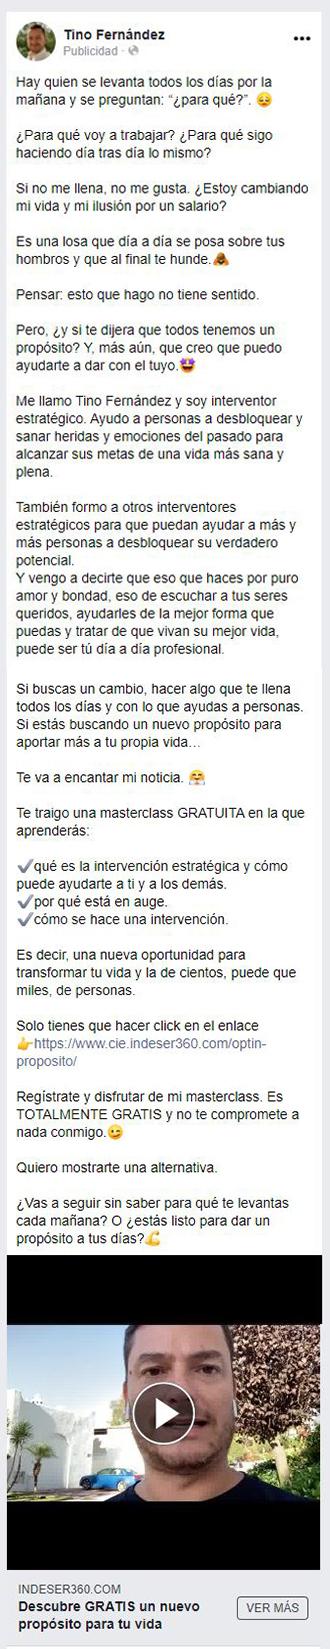 Anuncio de captación de Tino Fernández para el post de retargeting en Facebook Ads de ITO